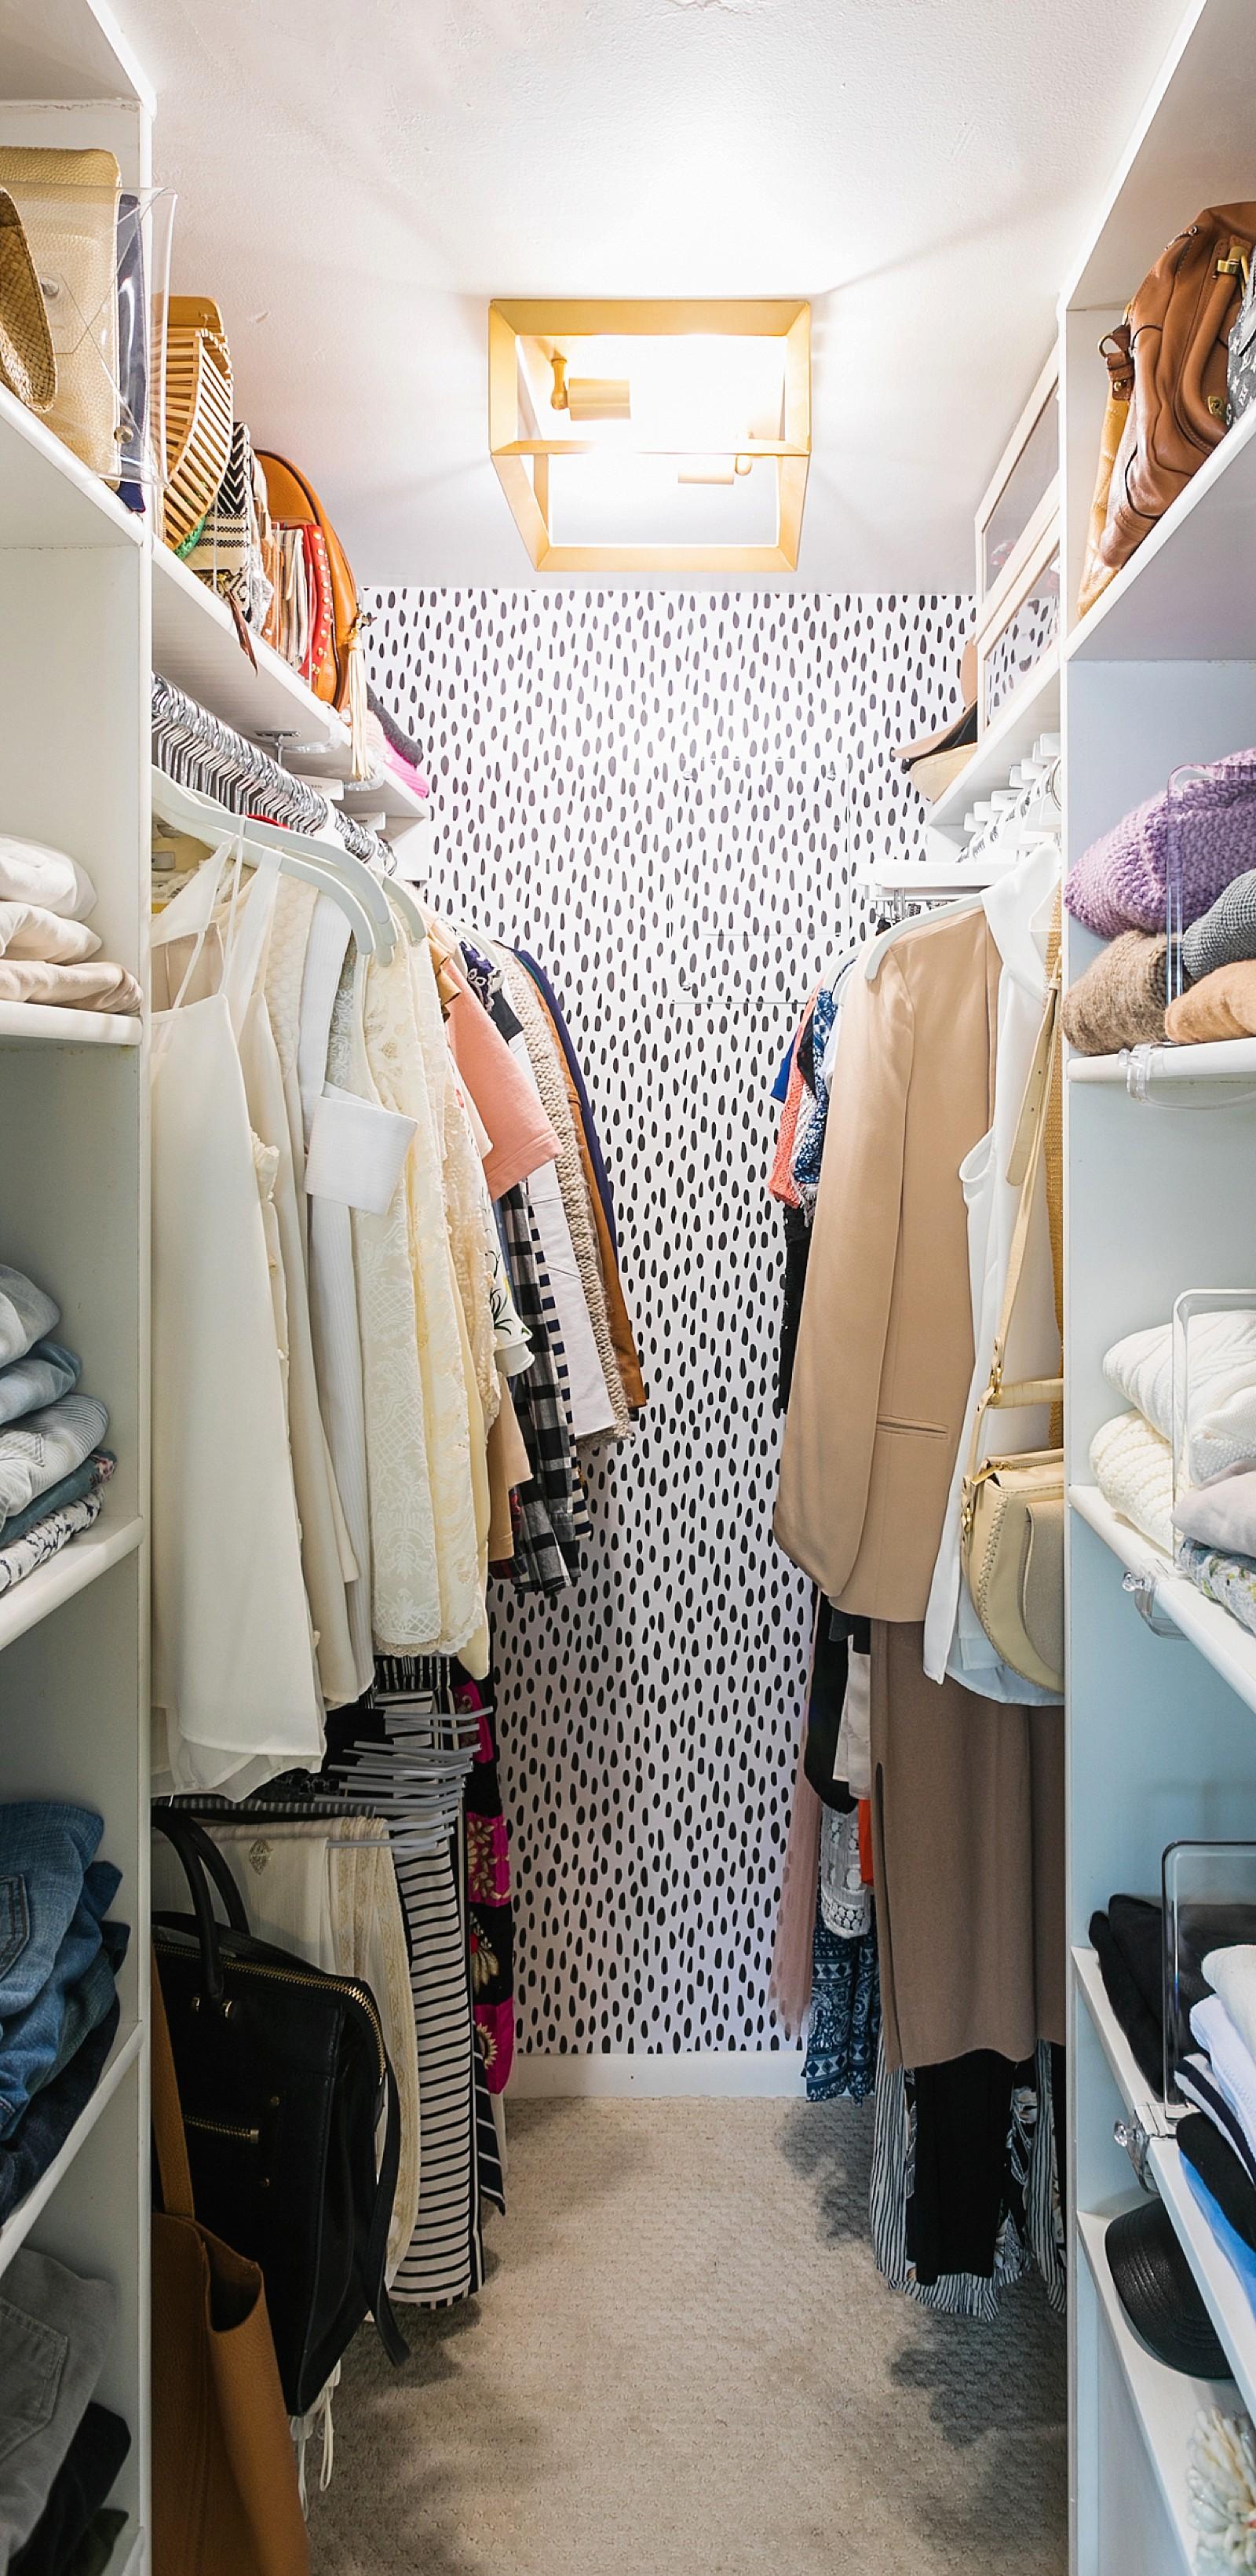 diana-elizabeth-blog-home-closet-spot-dot-wallpaper-tiny-closet ...